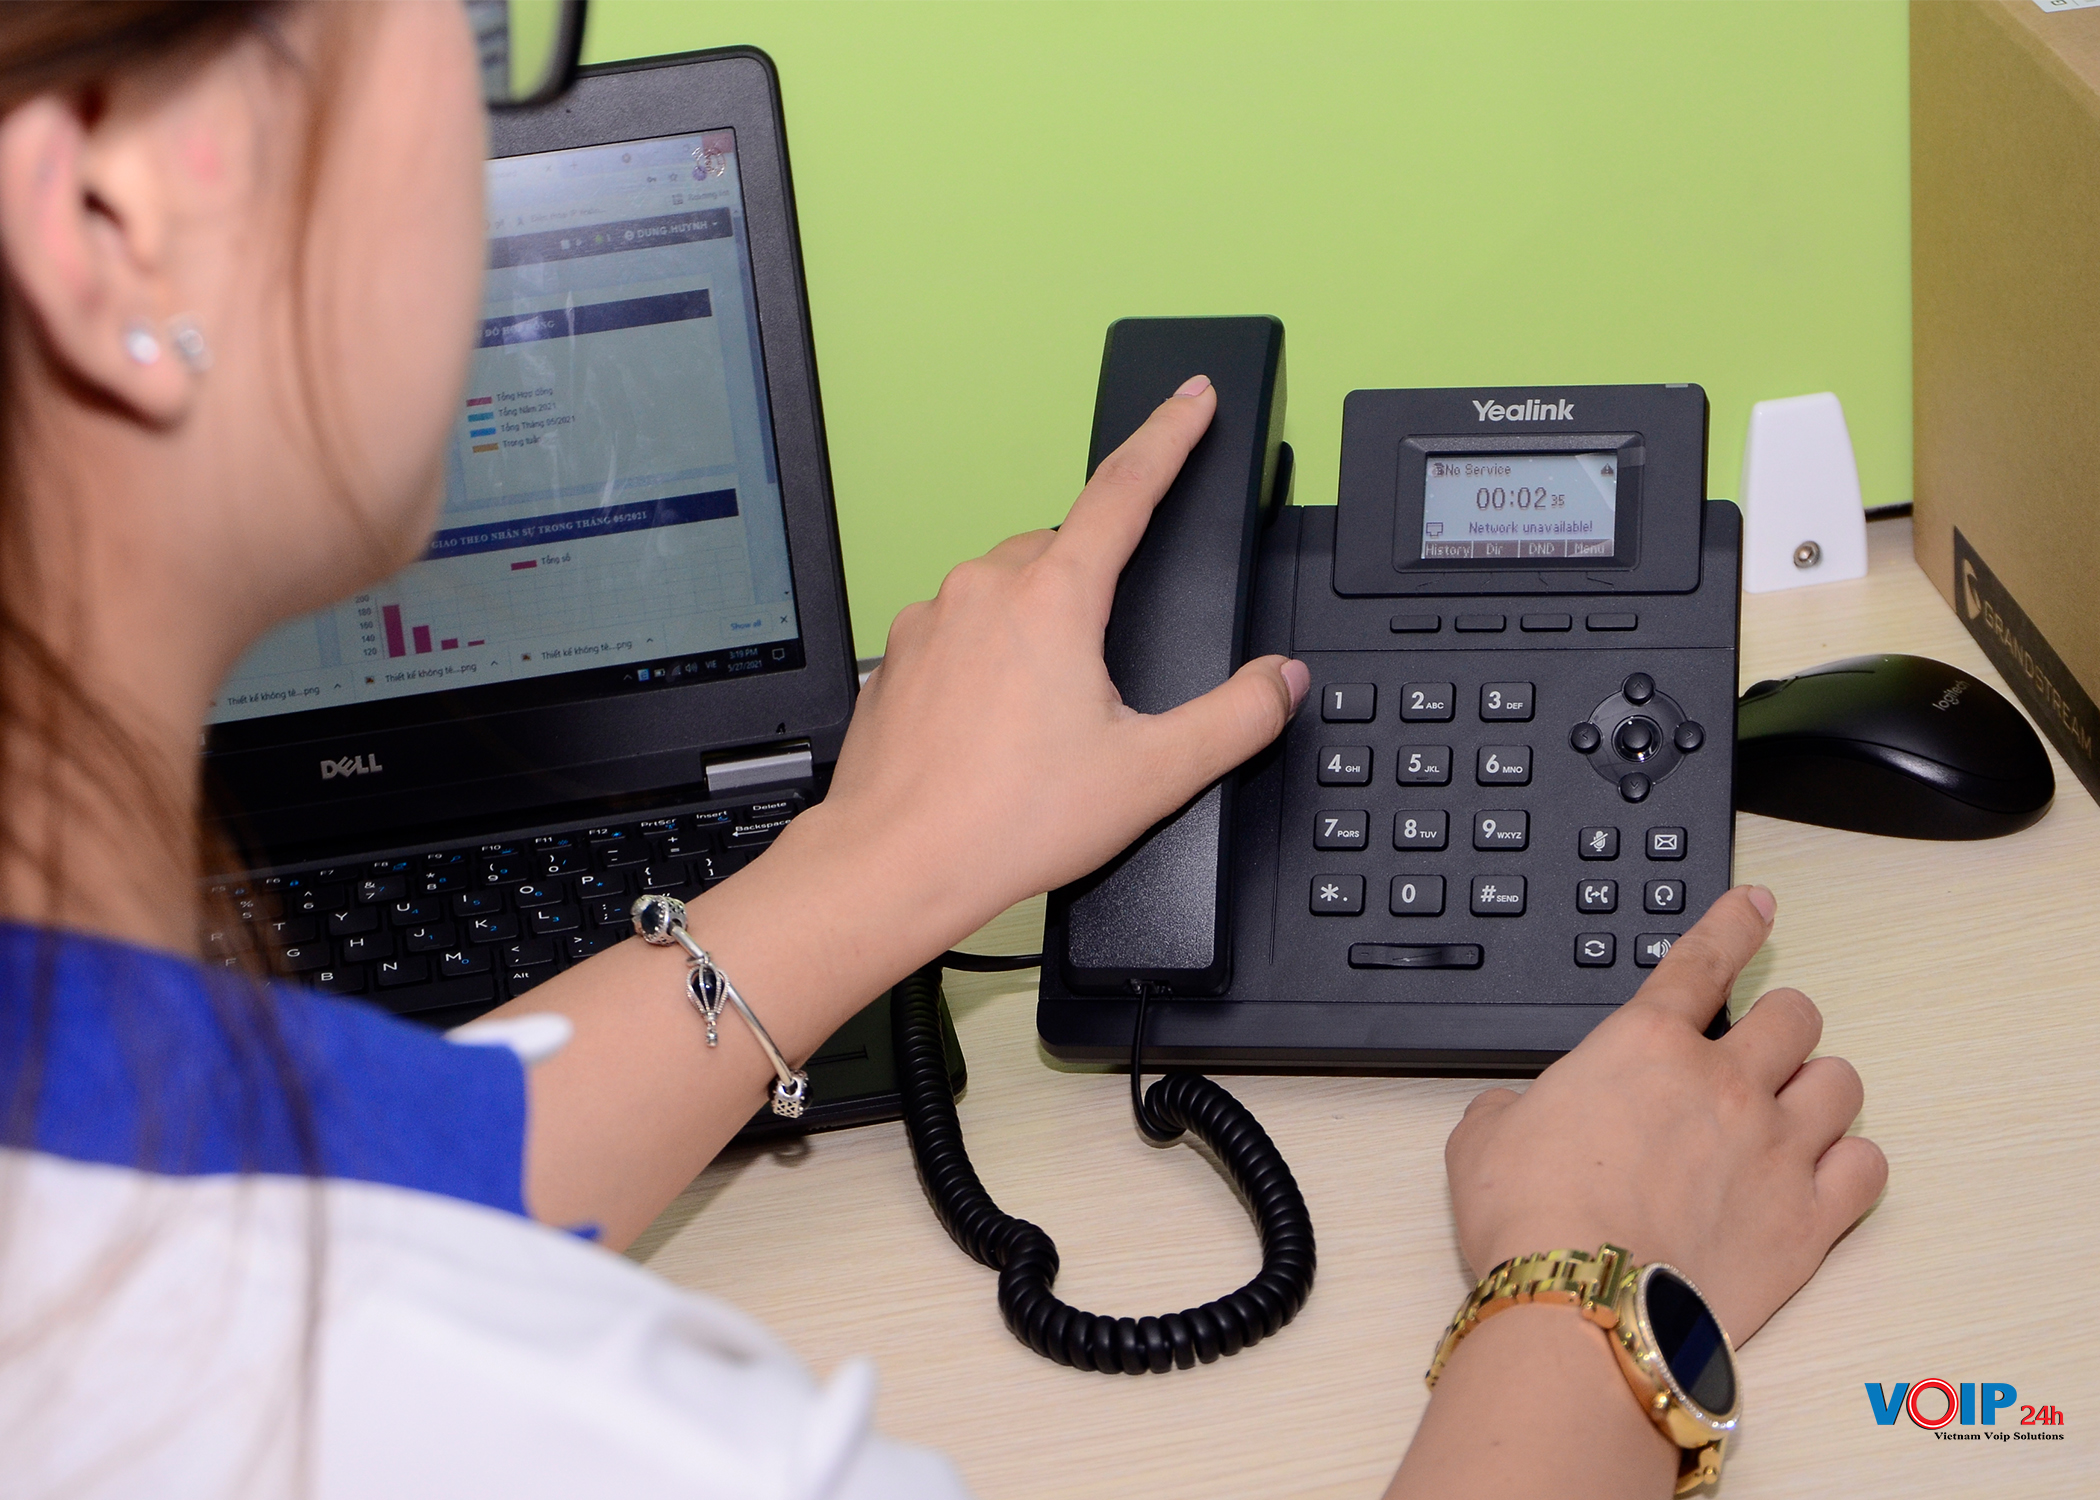 Điện thoại Yealink T30